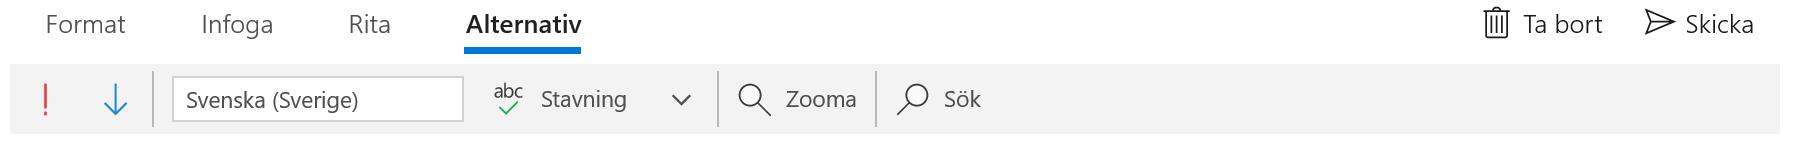 Verktygsfältet Alternativ i appen E-post för Windows 10.